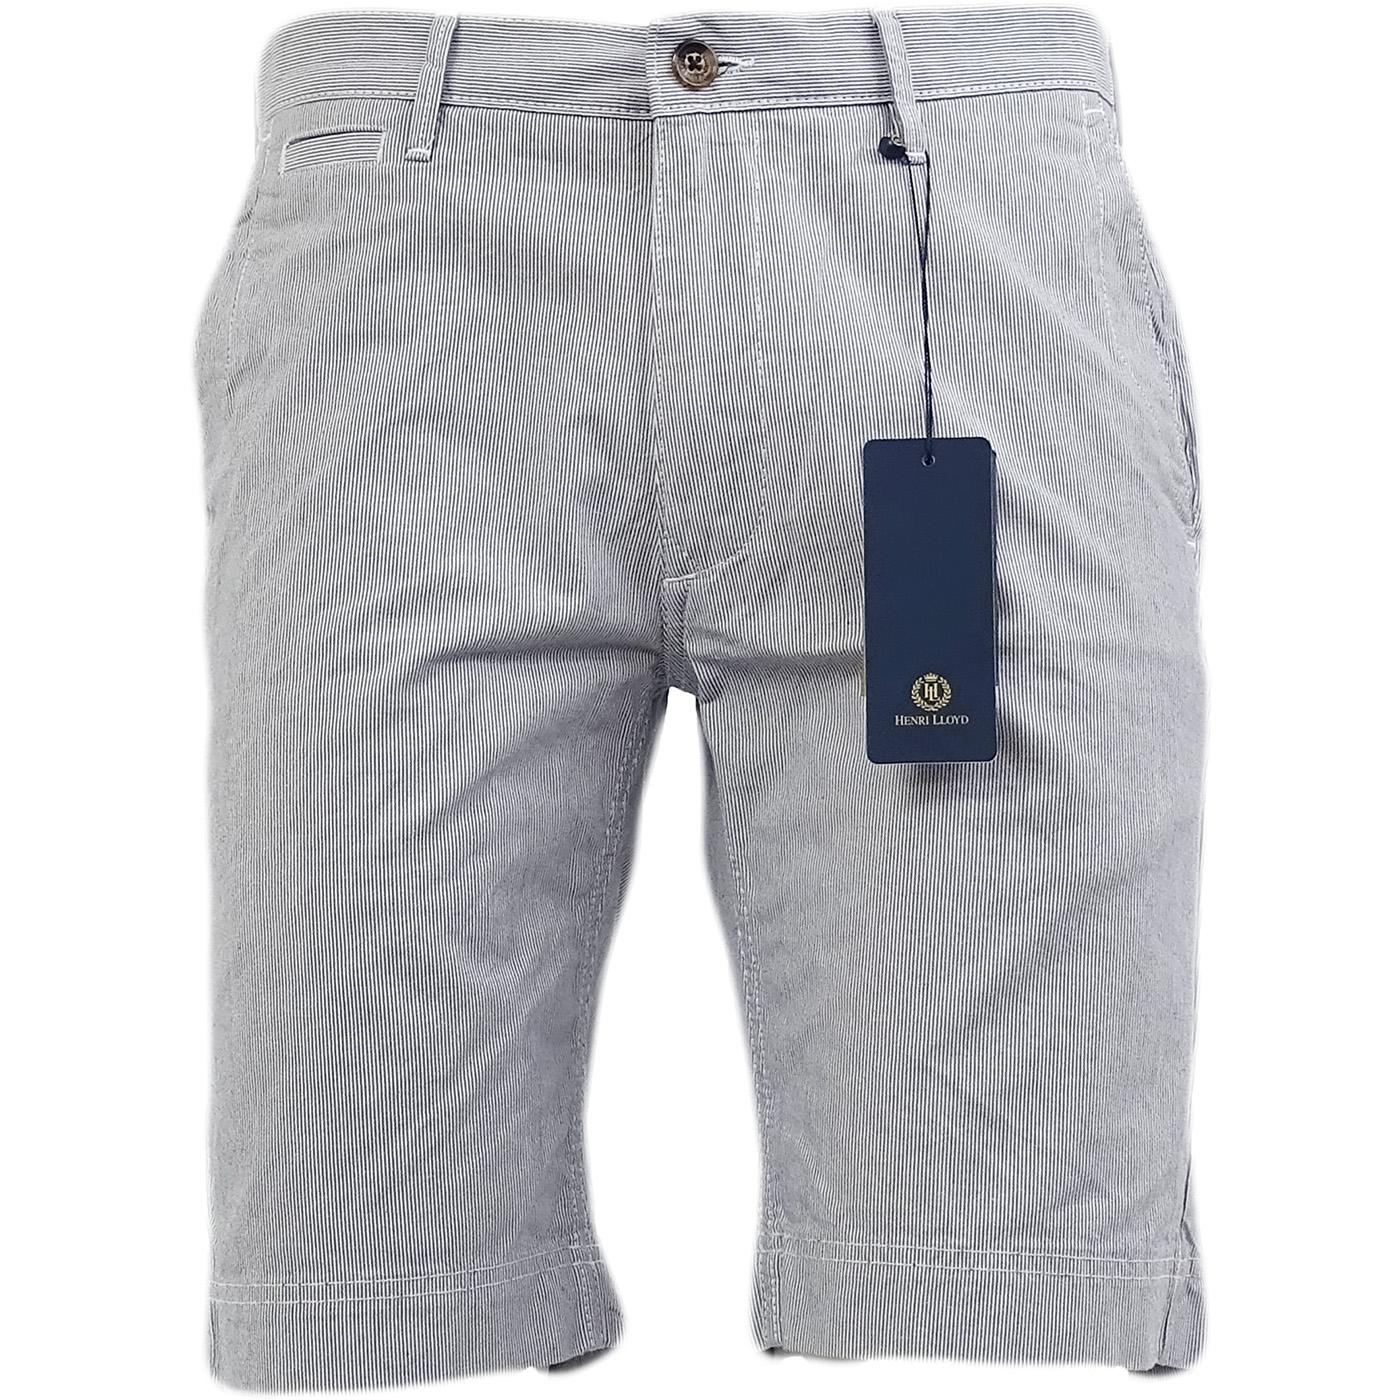 Henri Lloyd Navy Thin Stripe Smart Chino Shorts